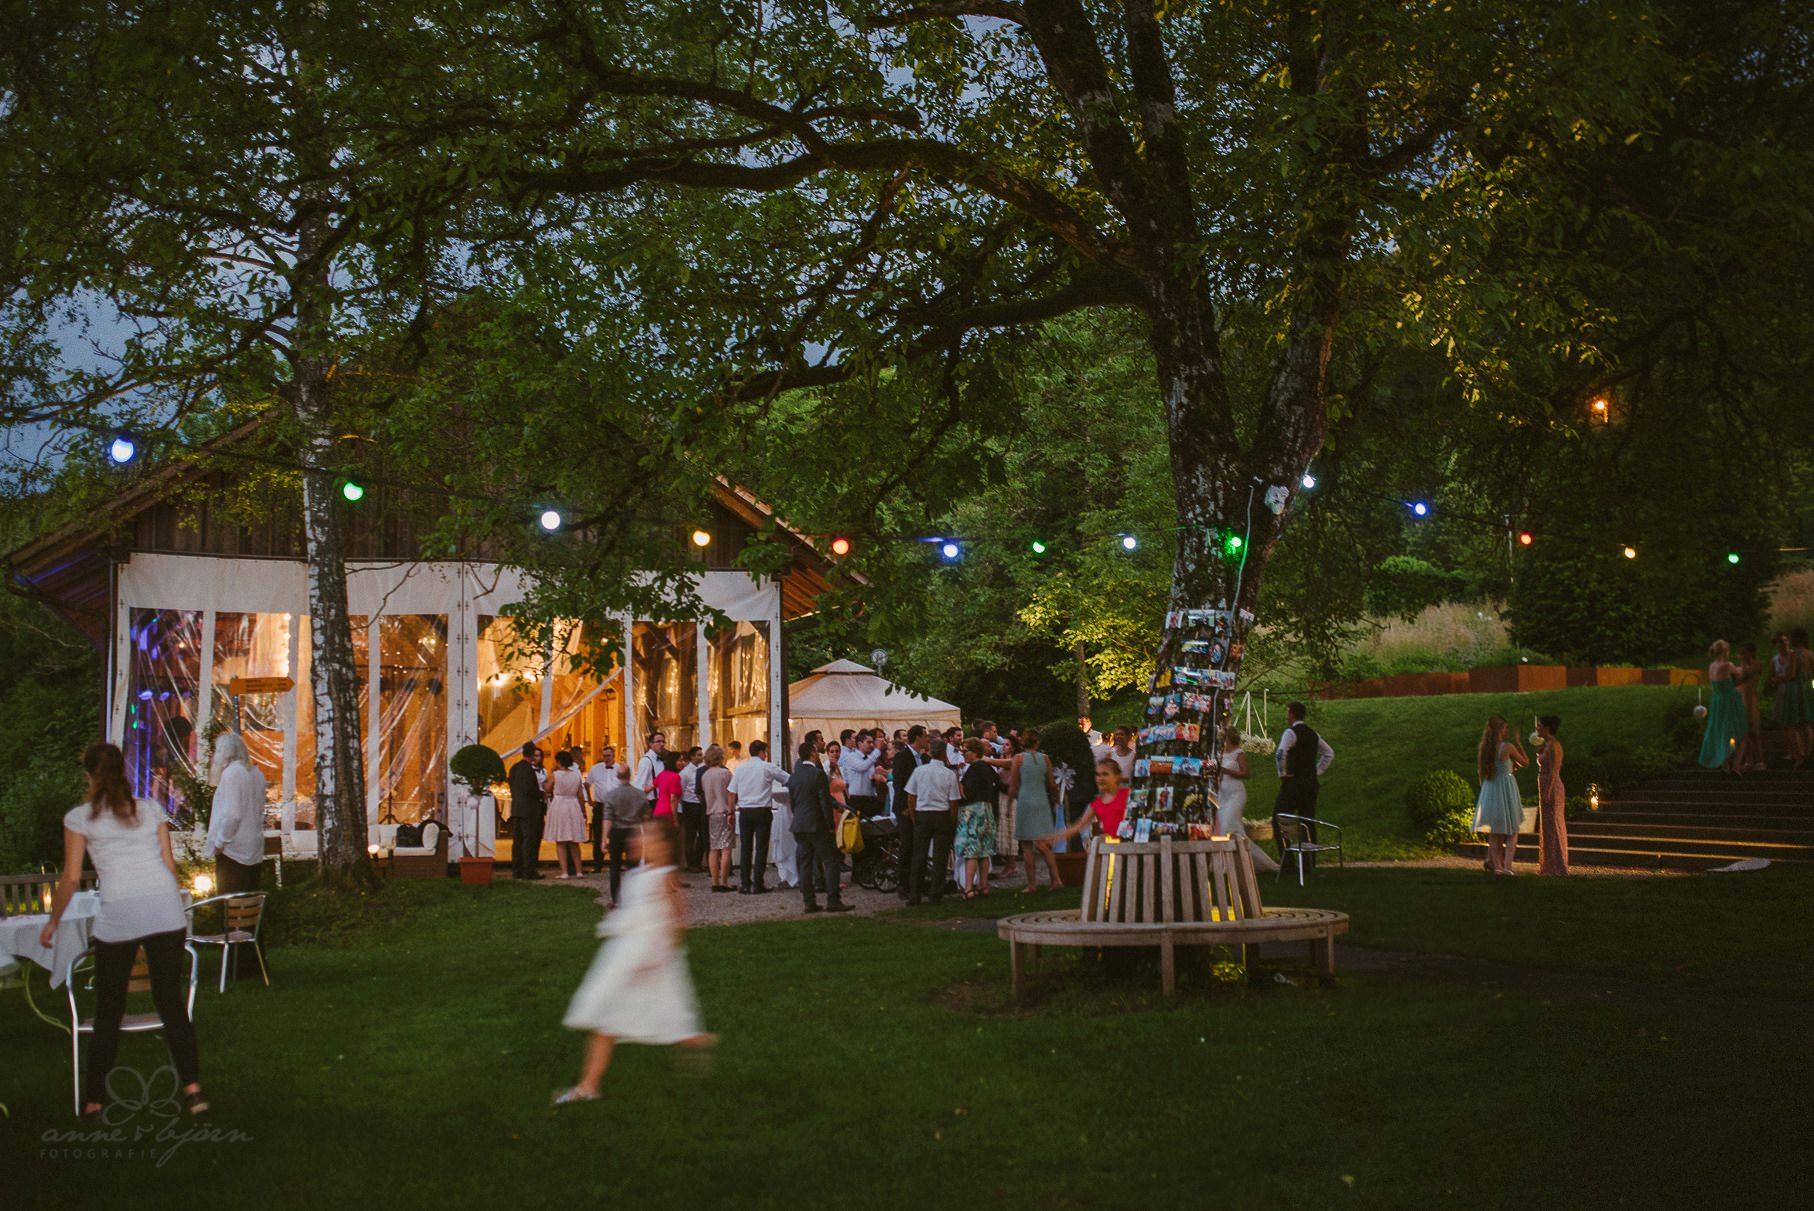 0129 anne und bjoern hochzeit schweiz d75 2288 - DIY Hochzeit in der Schweiz - Sabrina & Christoph